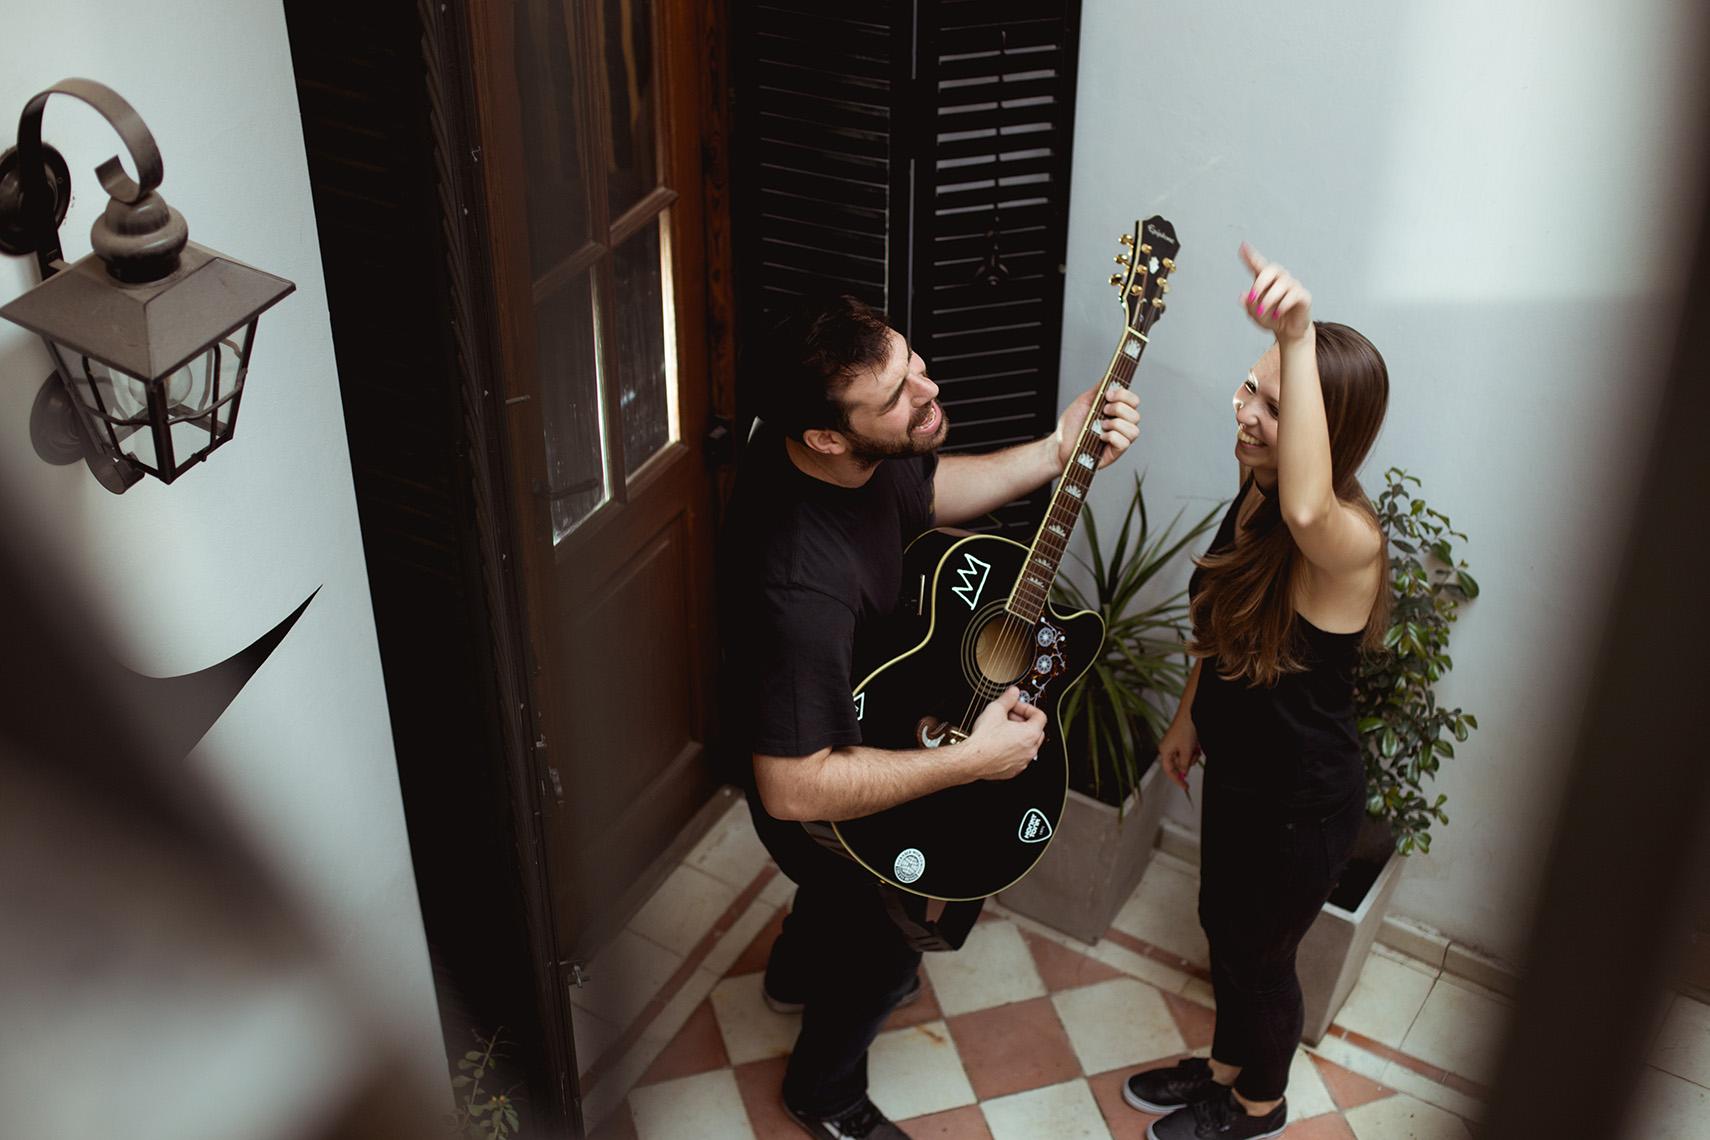 Fotos de la pre boda de Nay y Nico en Rosario Realizadas por Bucle Fotografias Flor Bosio y Caro Clerici